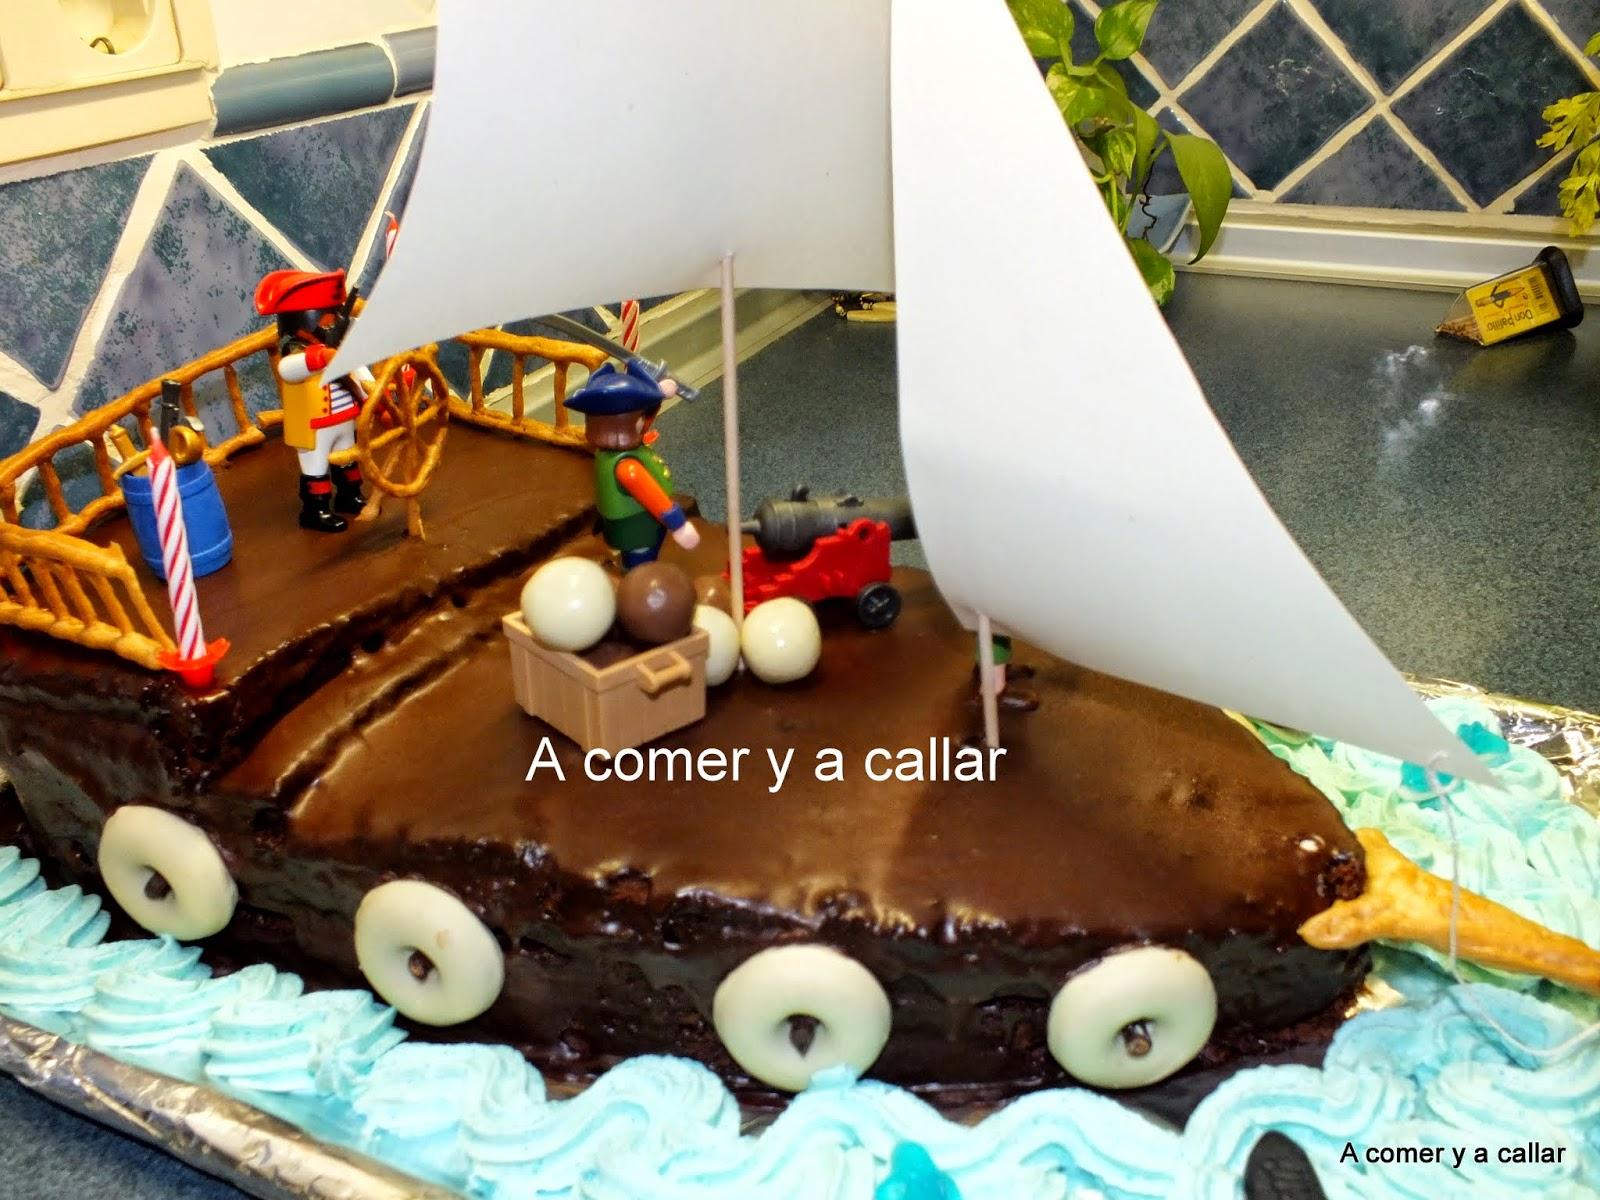 ilusin le puse toda la del mundo y mscasi que he disfrutado yo ms preparando la tarta y pensando en la carita que pondra cuando la viese que l